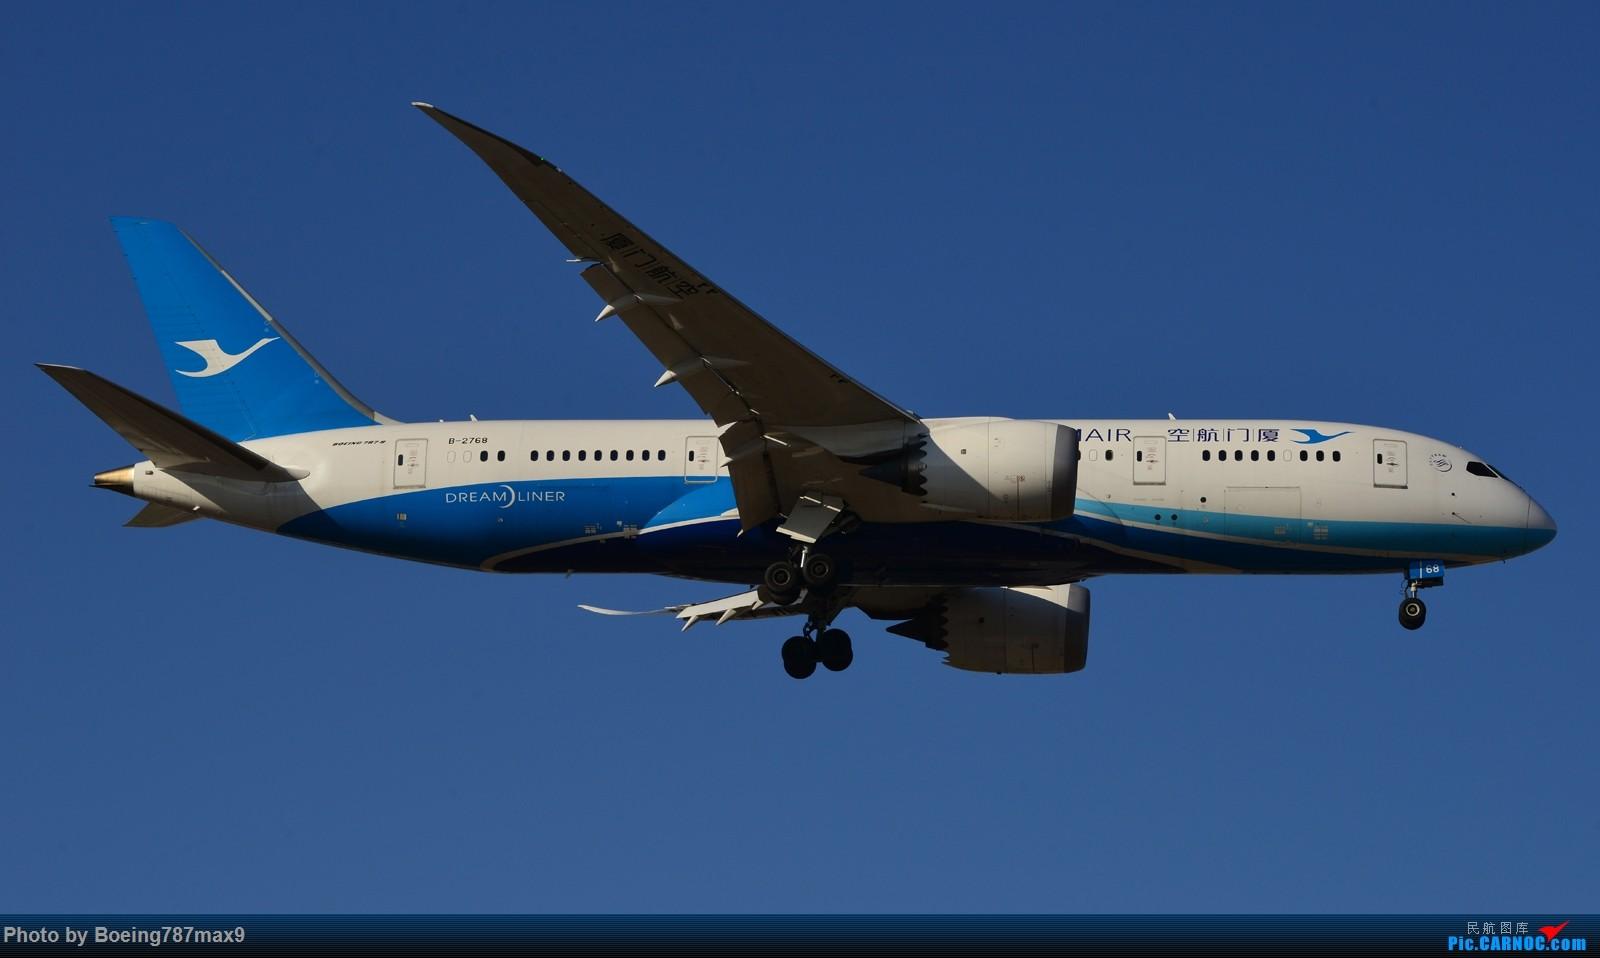 Re:[原创]春风送走了雾霾,也带来了两个蛋壳——汉莎748、厦航788 BOEING 787-8 B-2768 中国北京首都国际机场